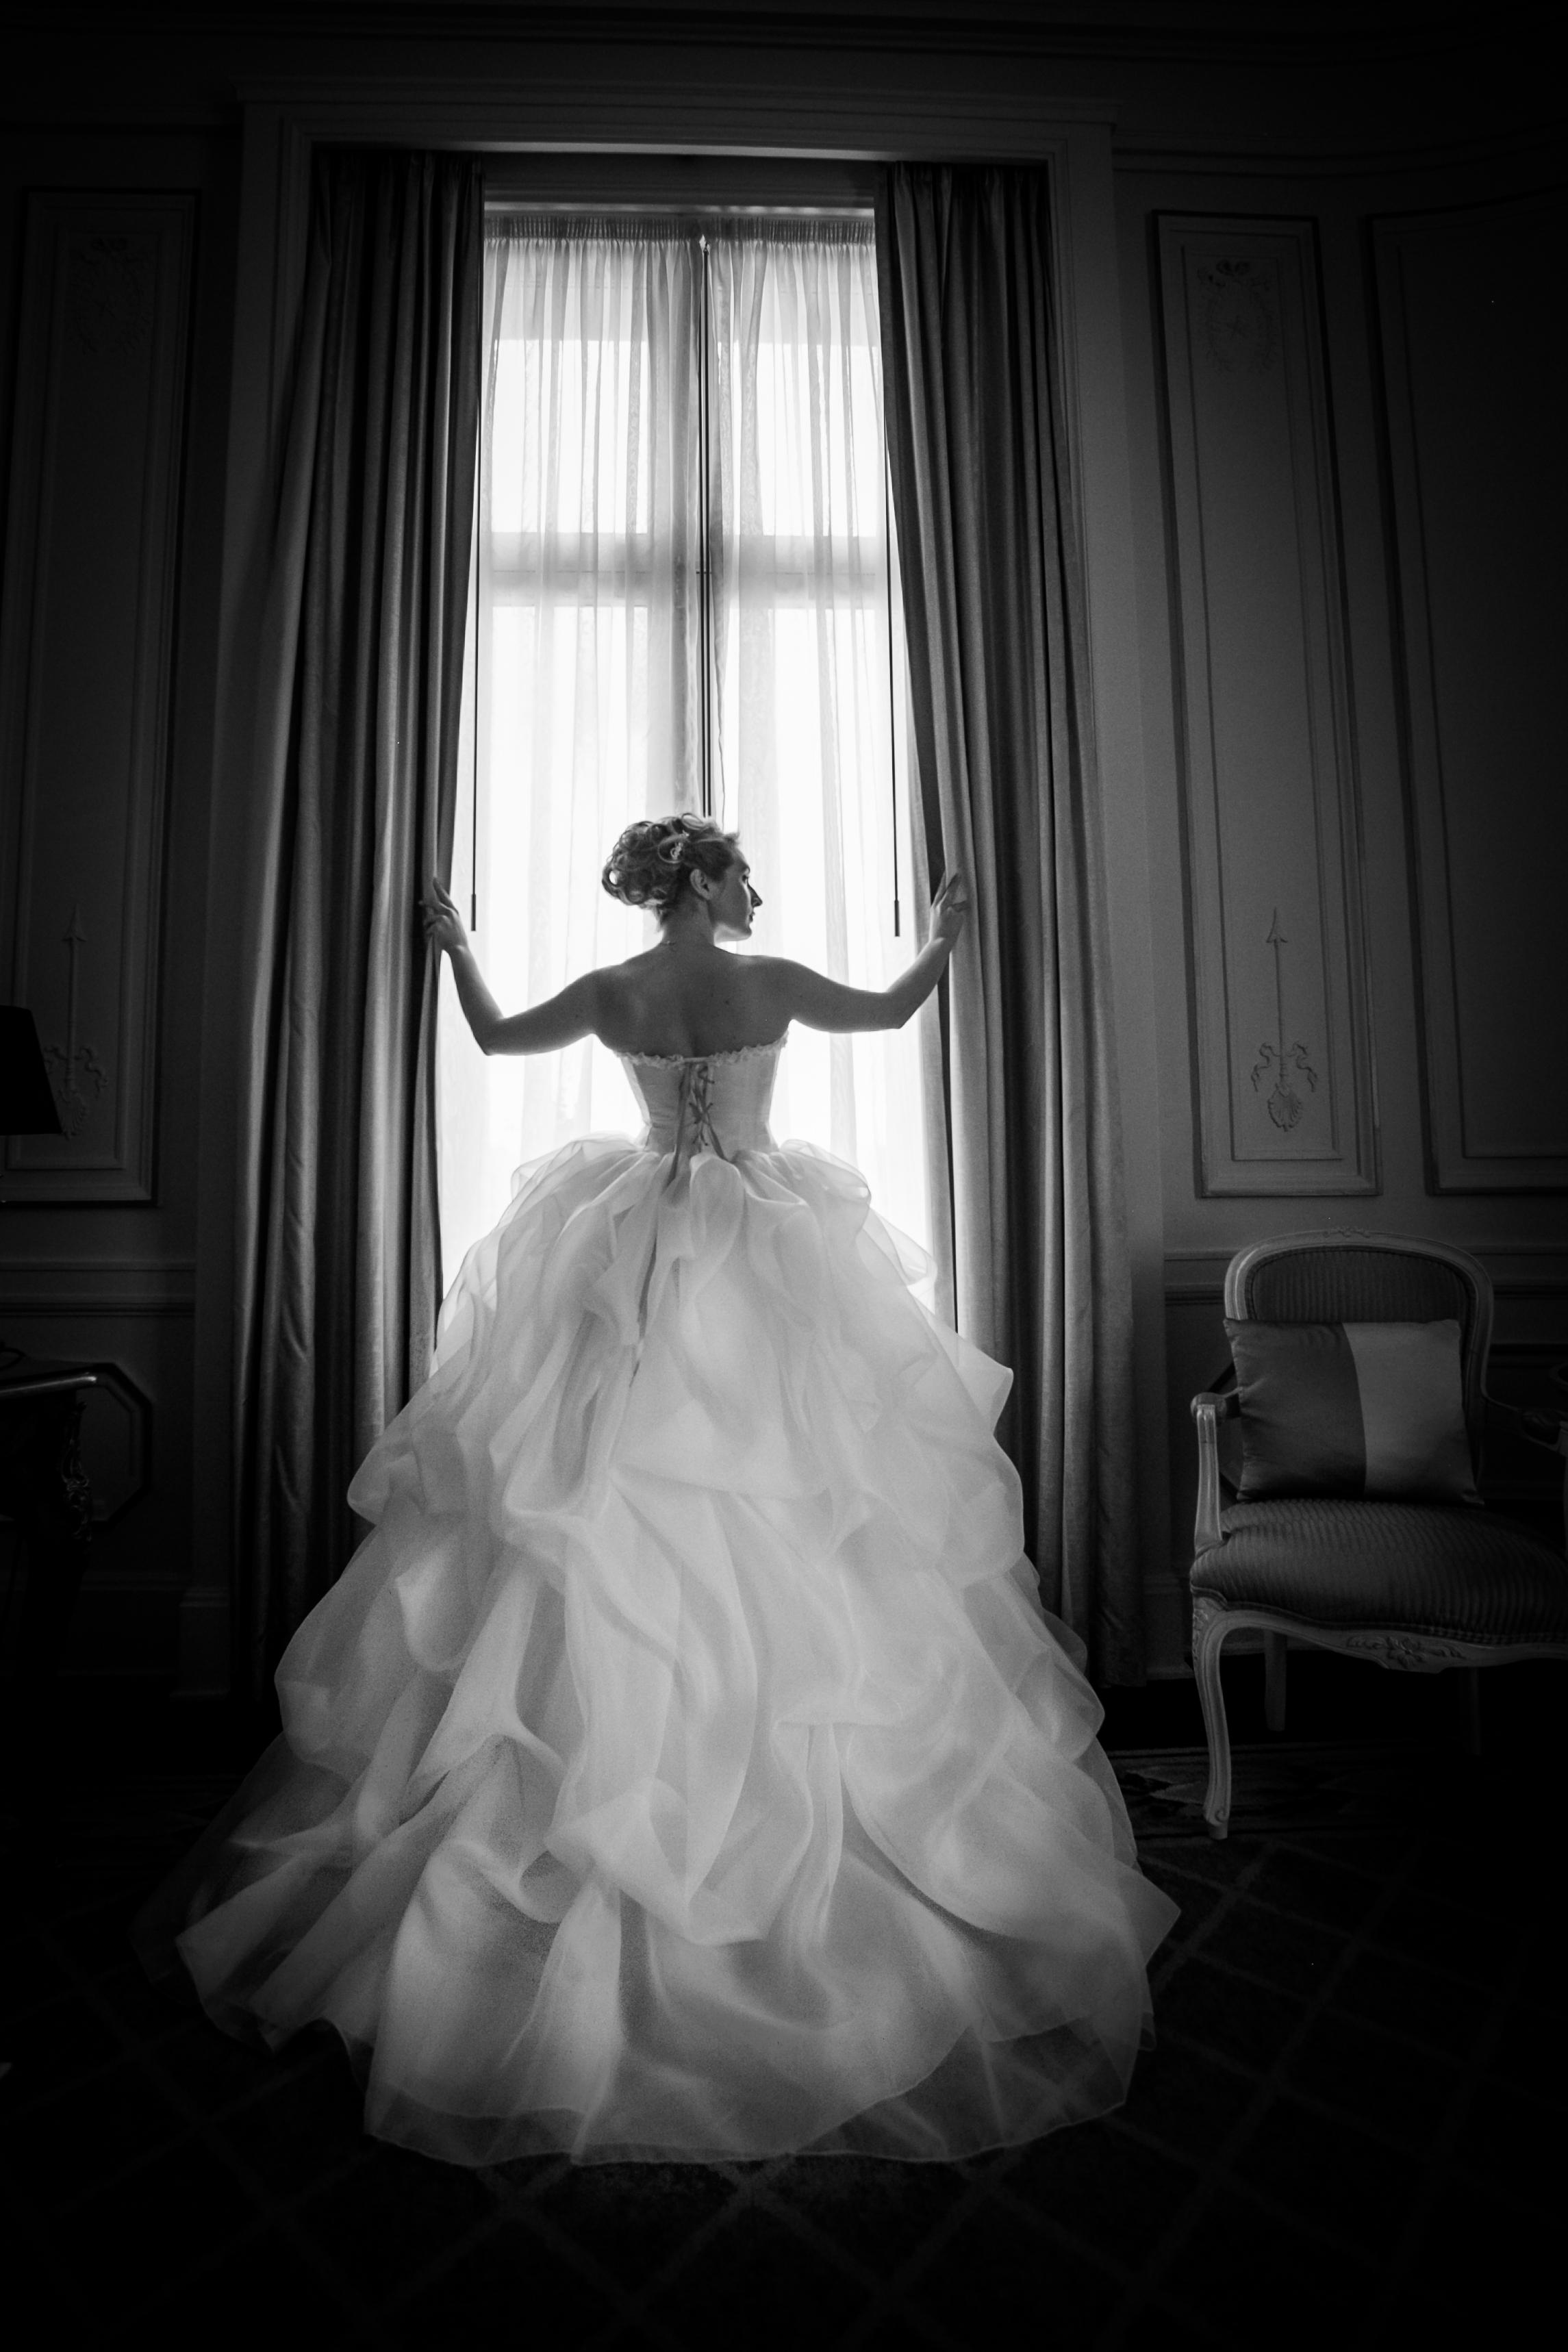 Robe de mariée en soie ivoire et mauve noir et blanc Agnès Szabelewski photo Olivier Froidefond.jpg